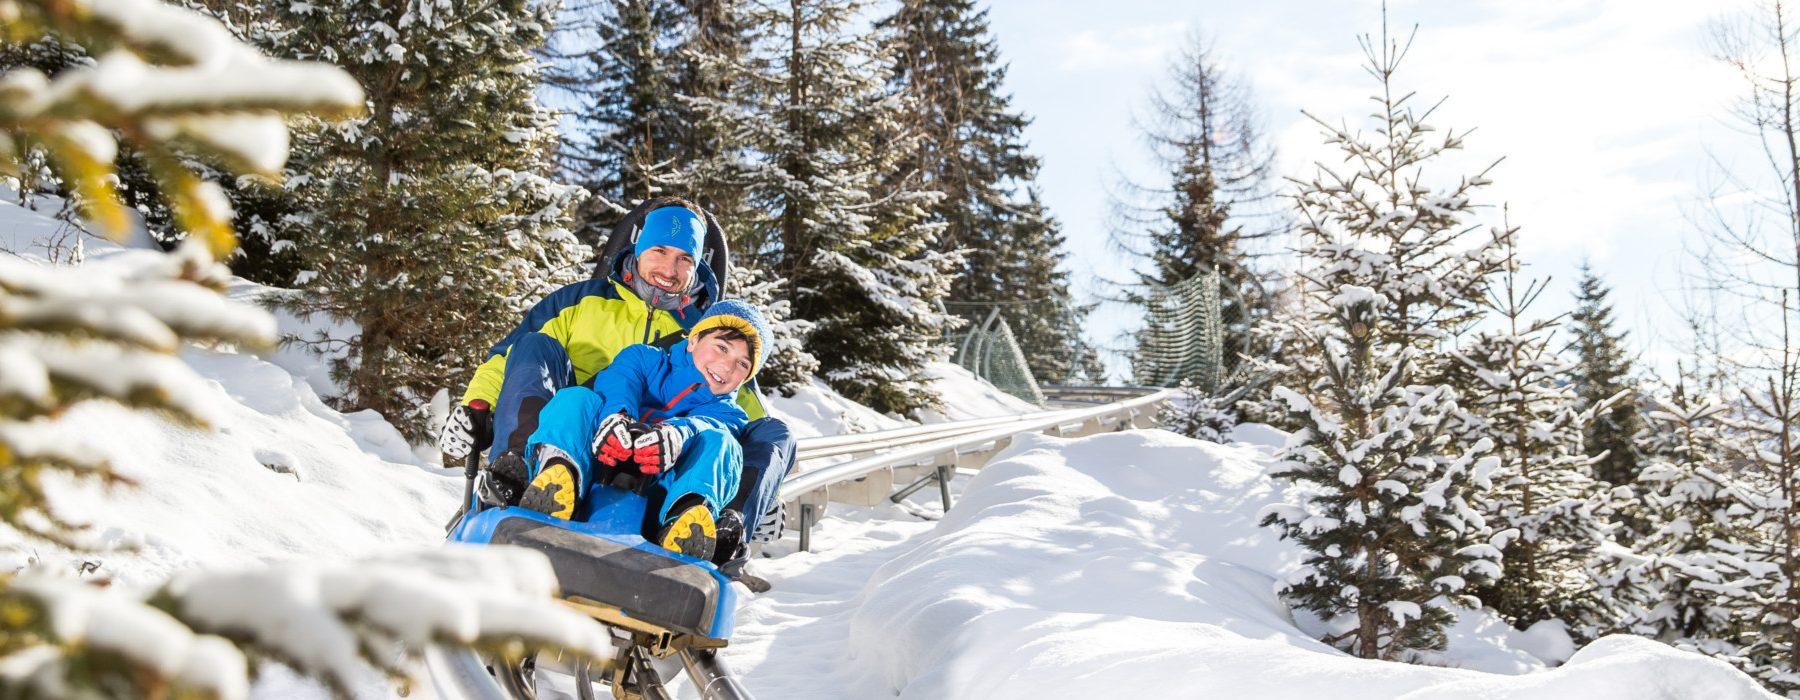 alpine-coaster-gardon-inverno-predazzo-val-di-fiemme